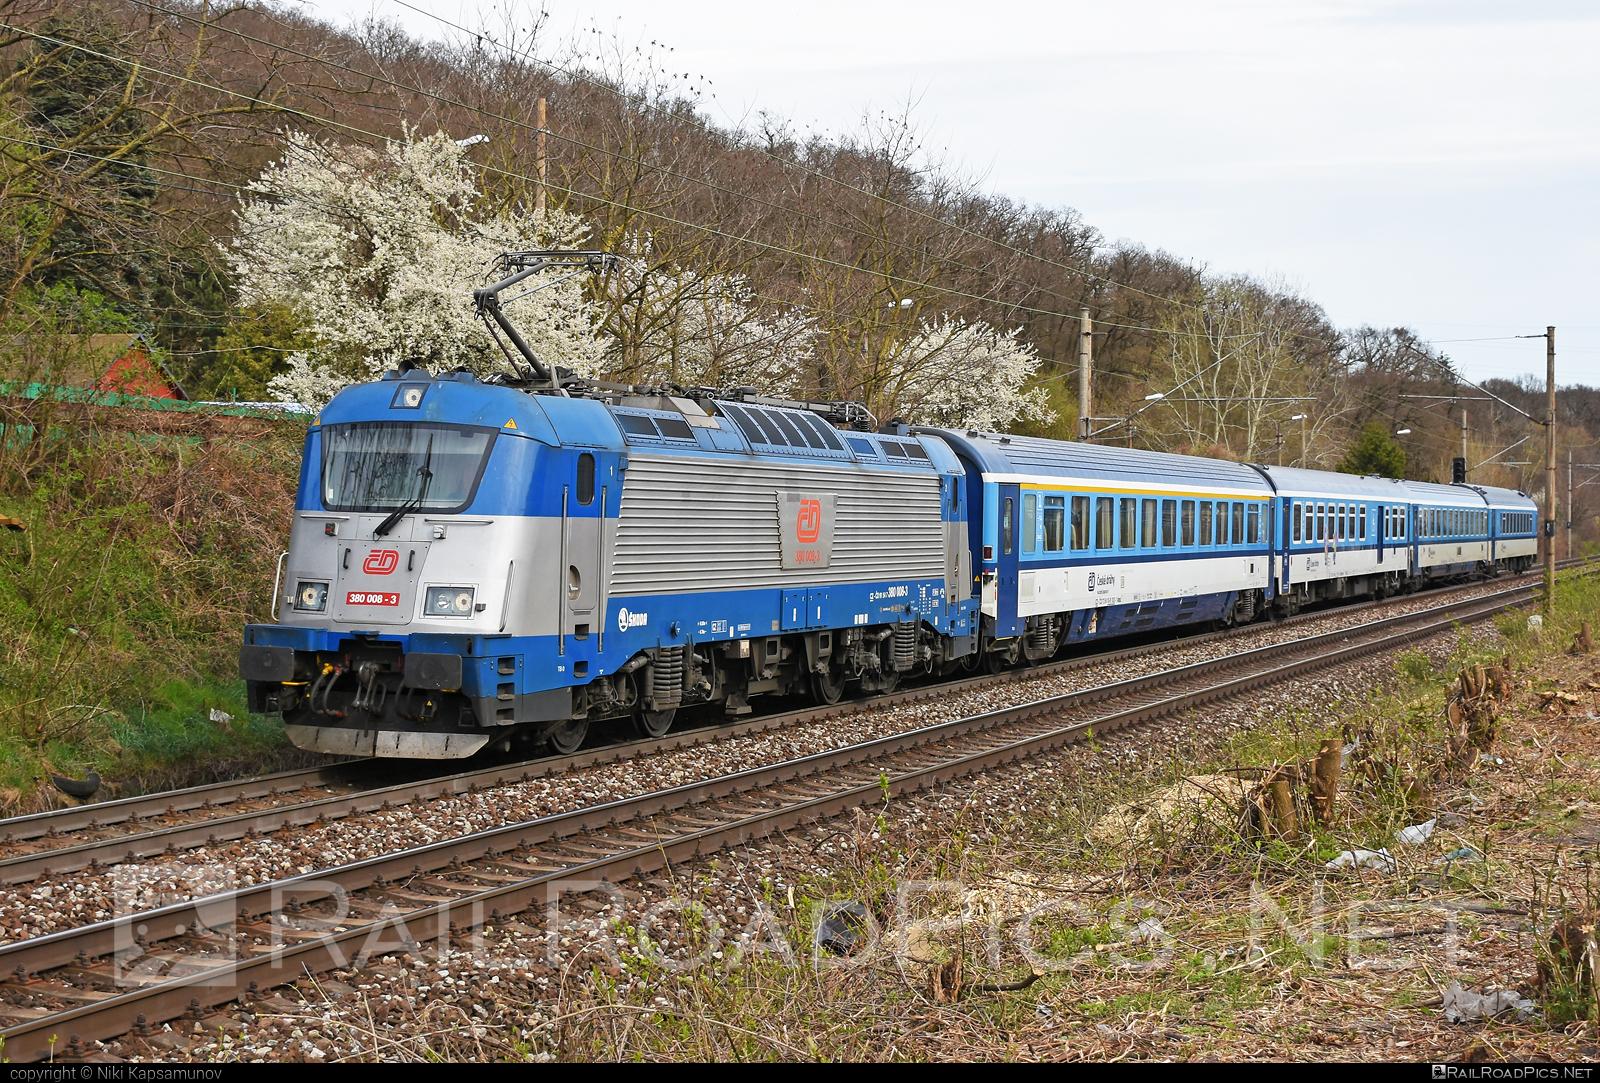 Škoda 109E1 Emil Zátopek - 380 008-3 operated by České dráhy, a.s. #ceskedrahy #emilzatopeklocomotive #locomotive380 #metropolitan #skoda #skoda109e #skoda109elocomotive